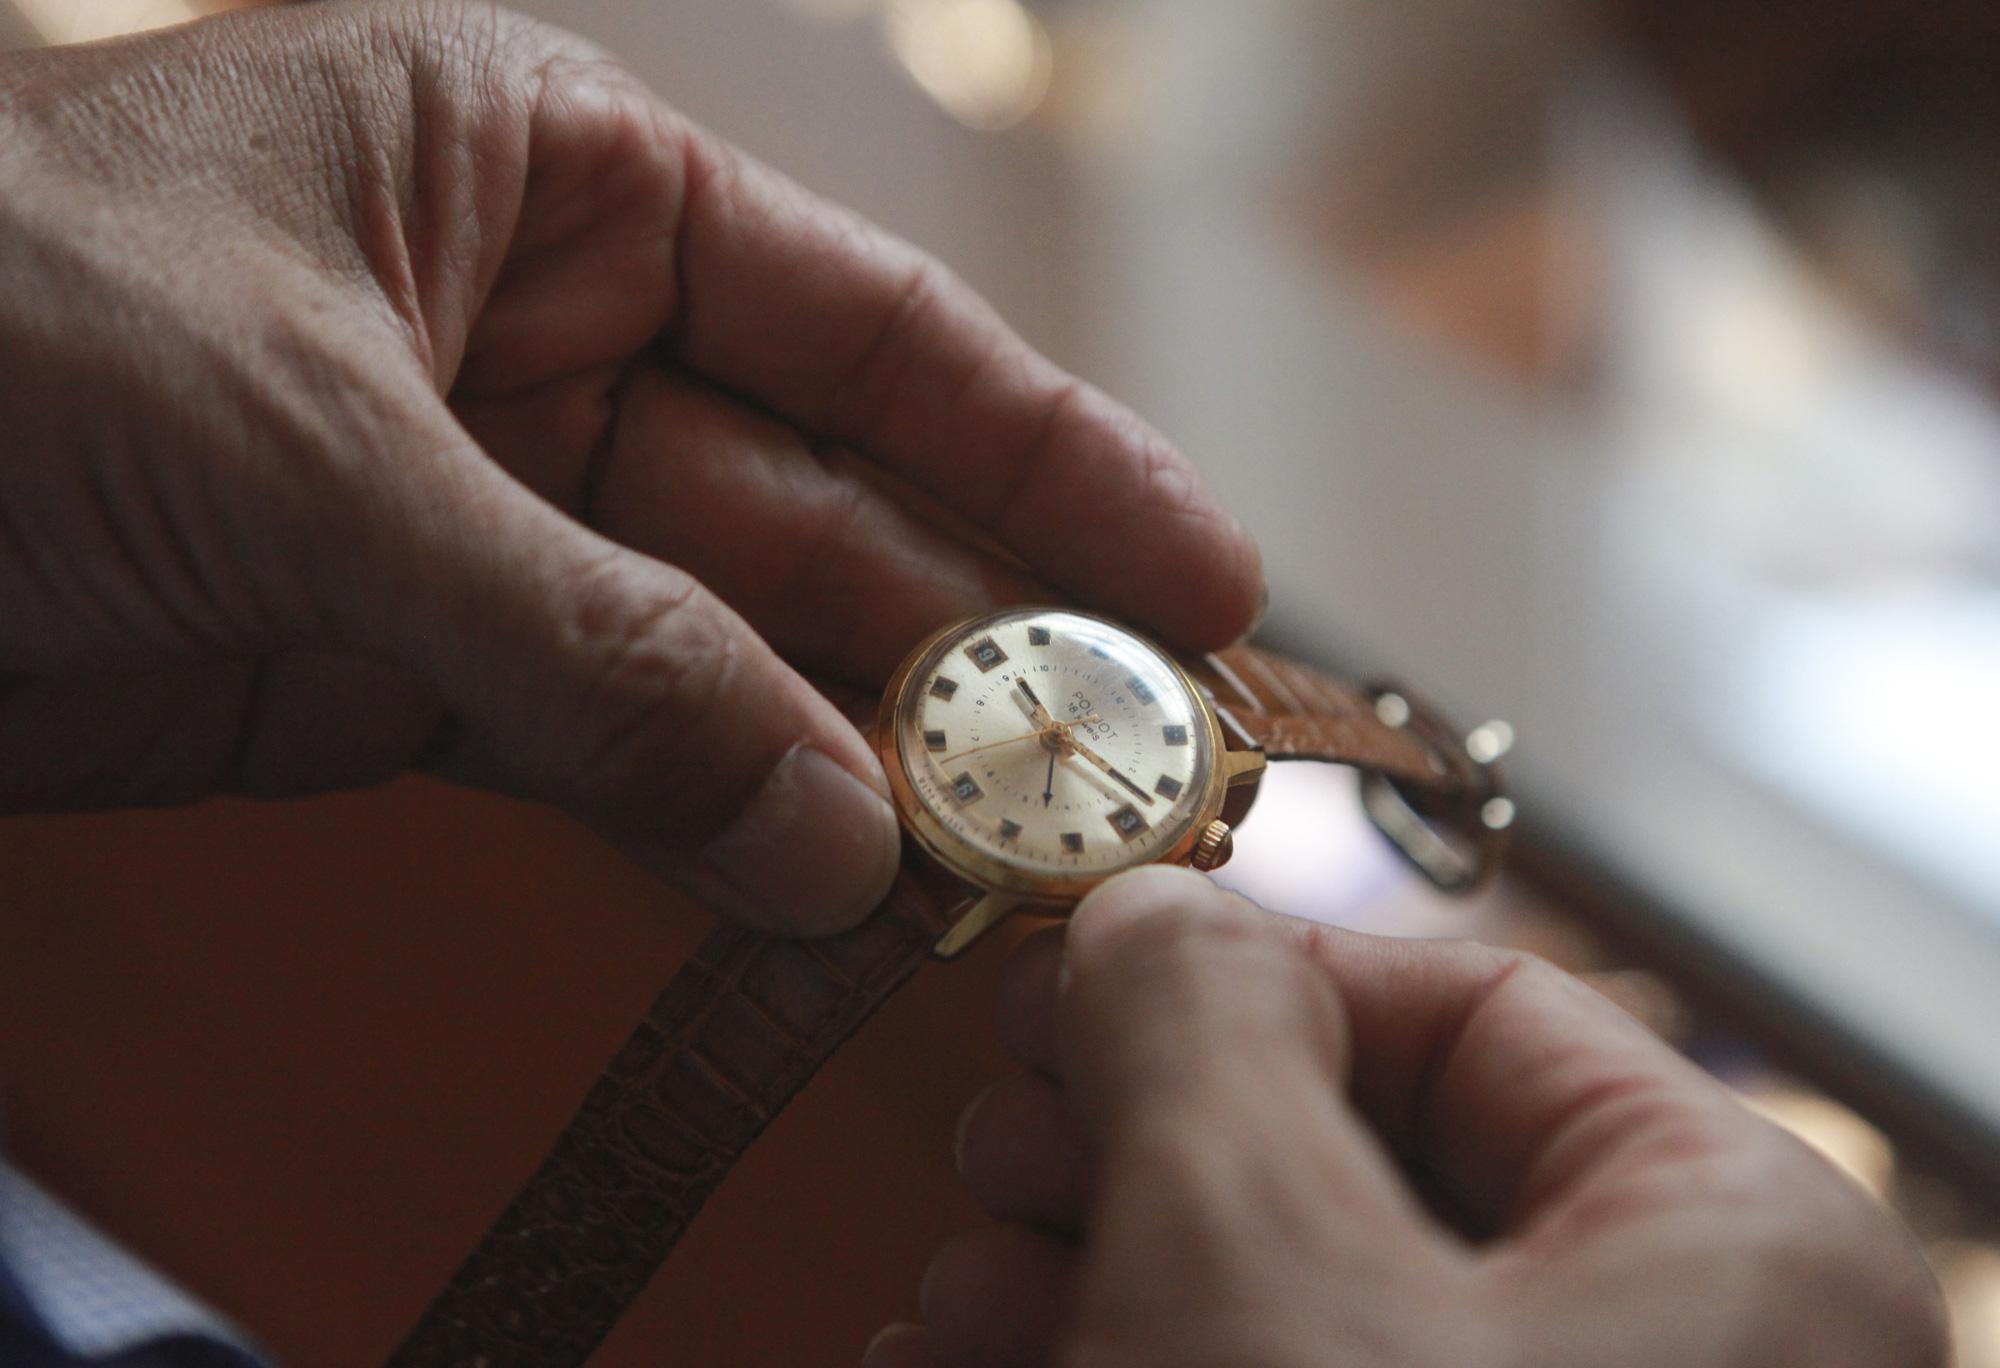 """Ông lão Hà thành và bộ sưu tập đồng hồ """"cực khủng"""", đặc biệt có chiếc có khả năng dự báo... """"bão"""" - Ảnh 4."""